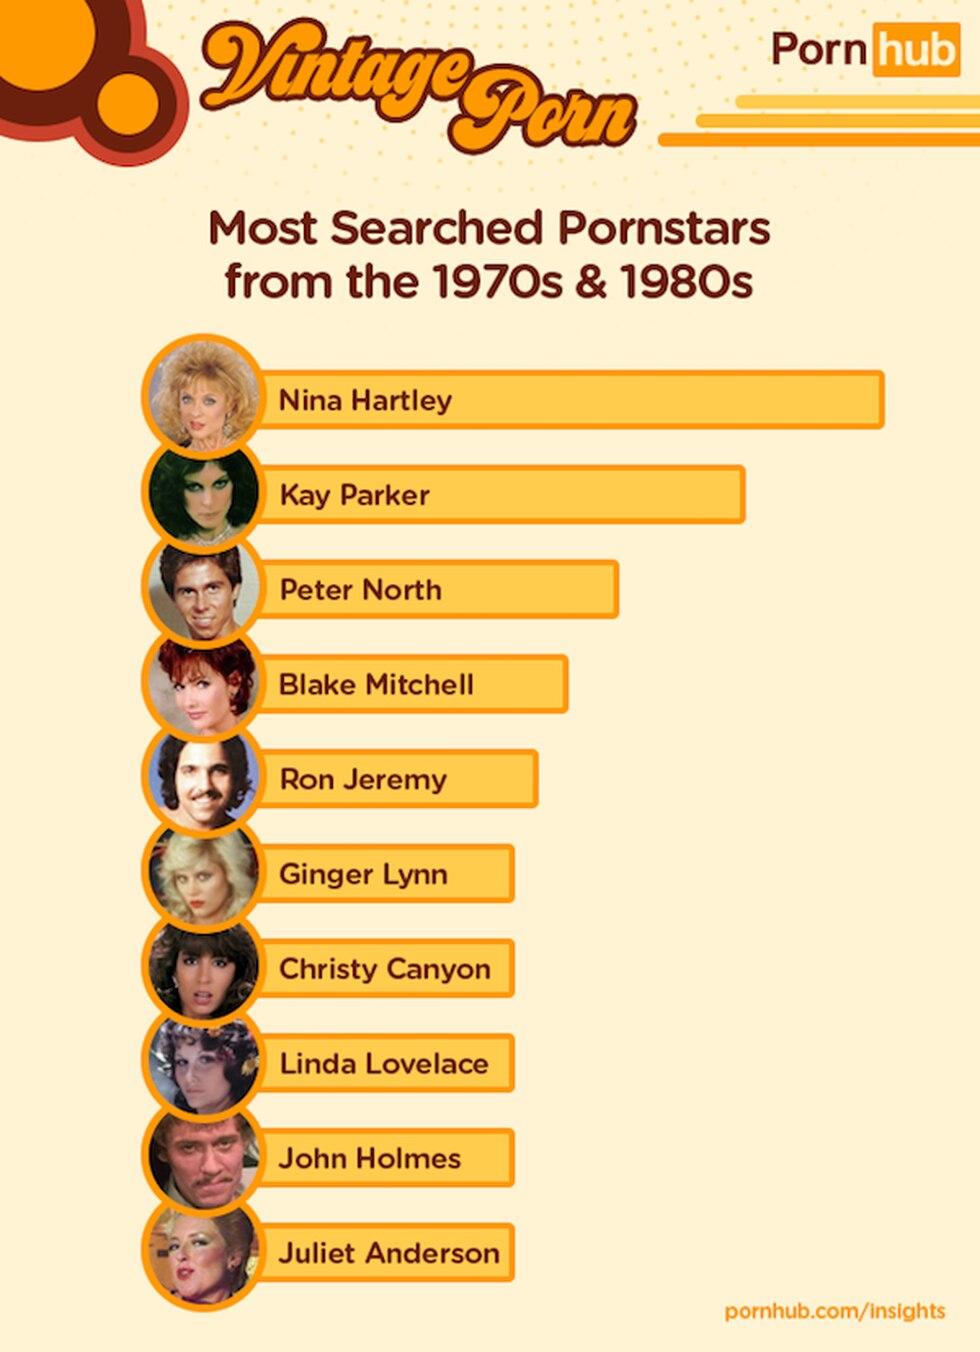 Peliculas Porno Classic sexo: estas son las estrellas porno 'vintage' más buscadas y